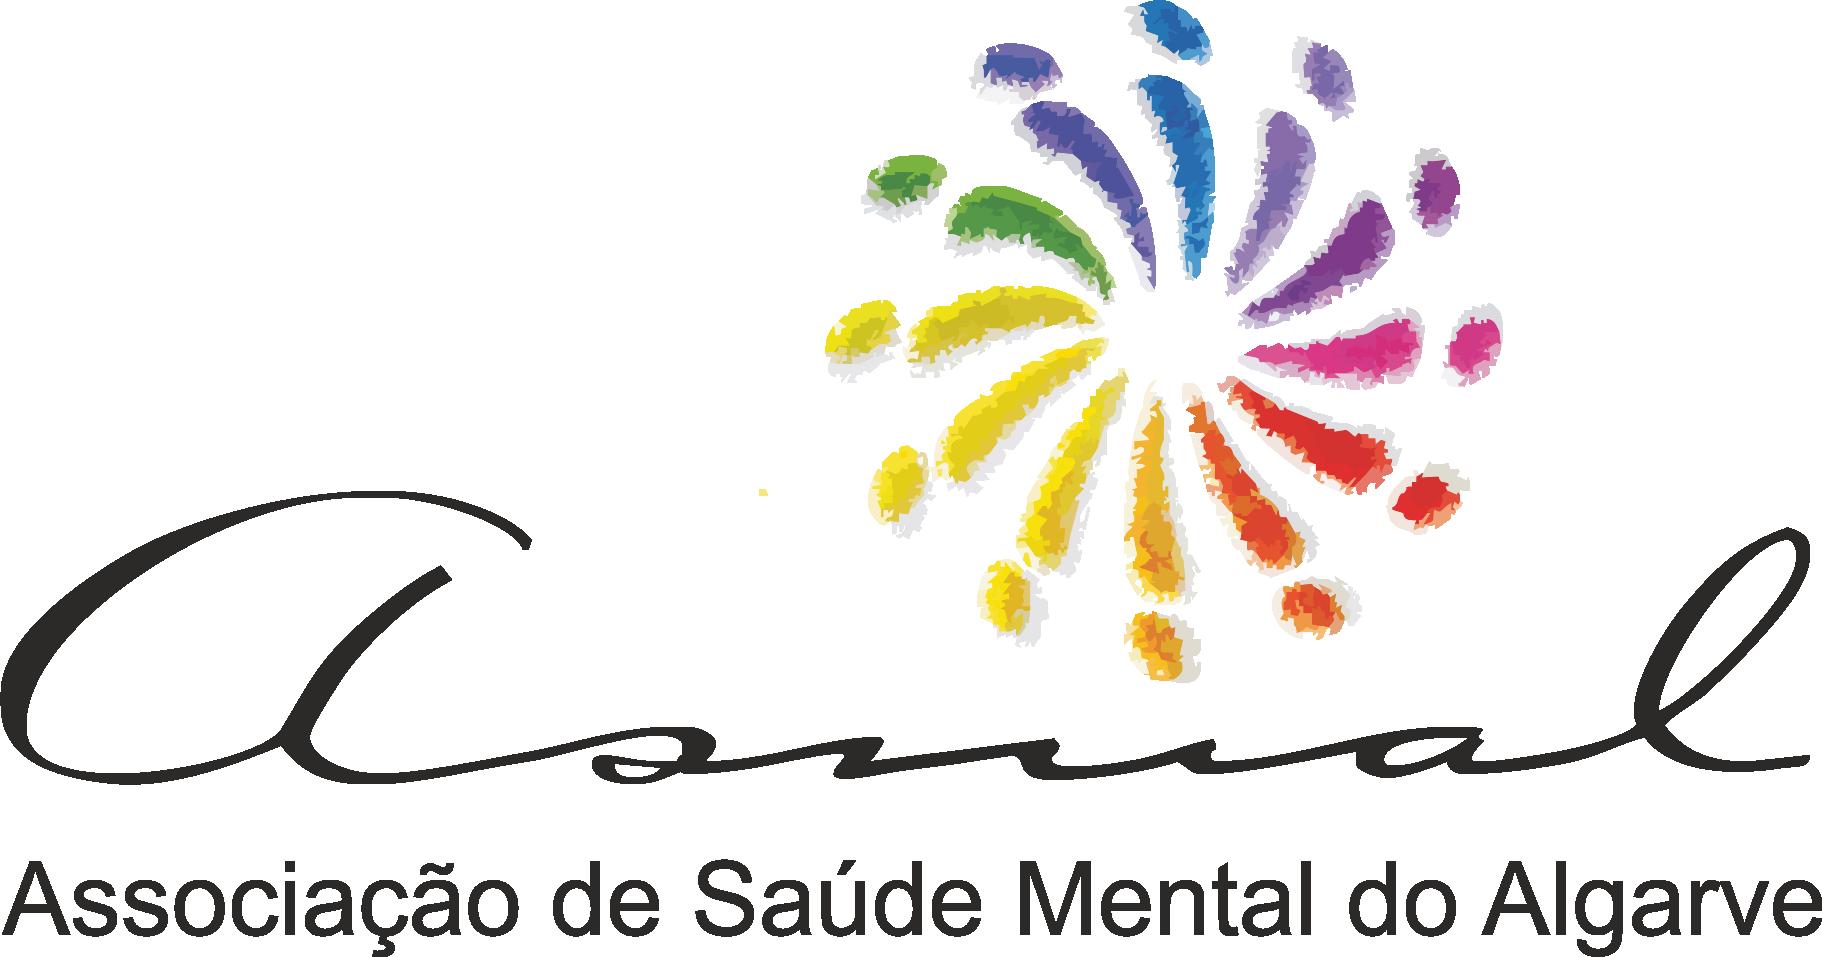 ASMAL - Associação de Saúde Mental do Algarve